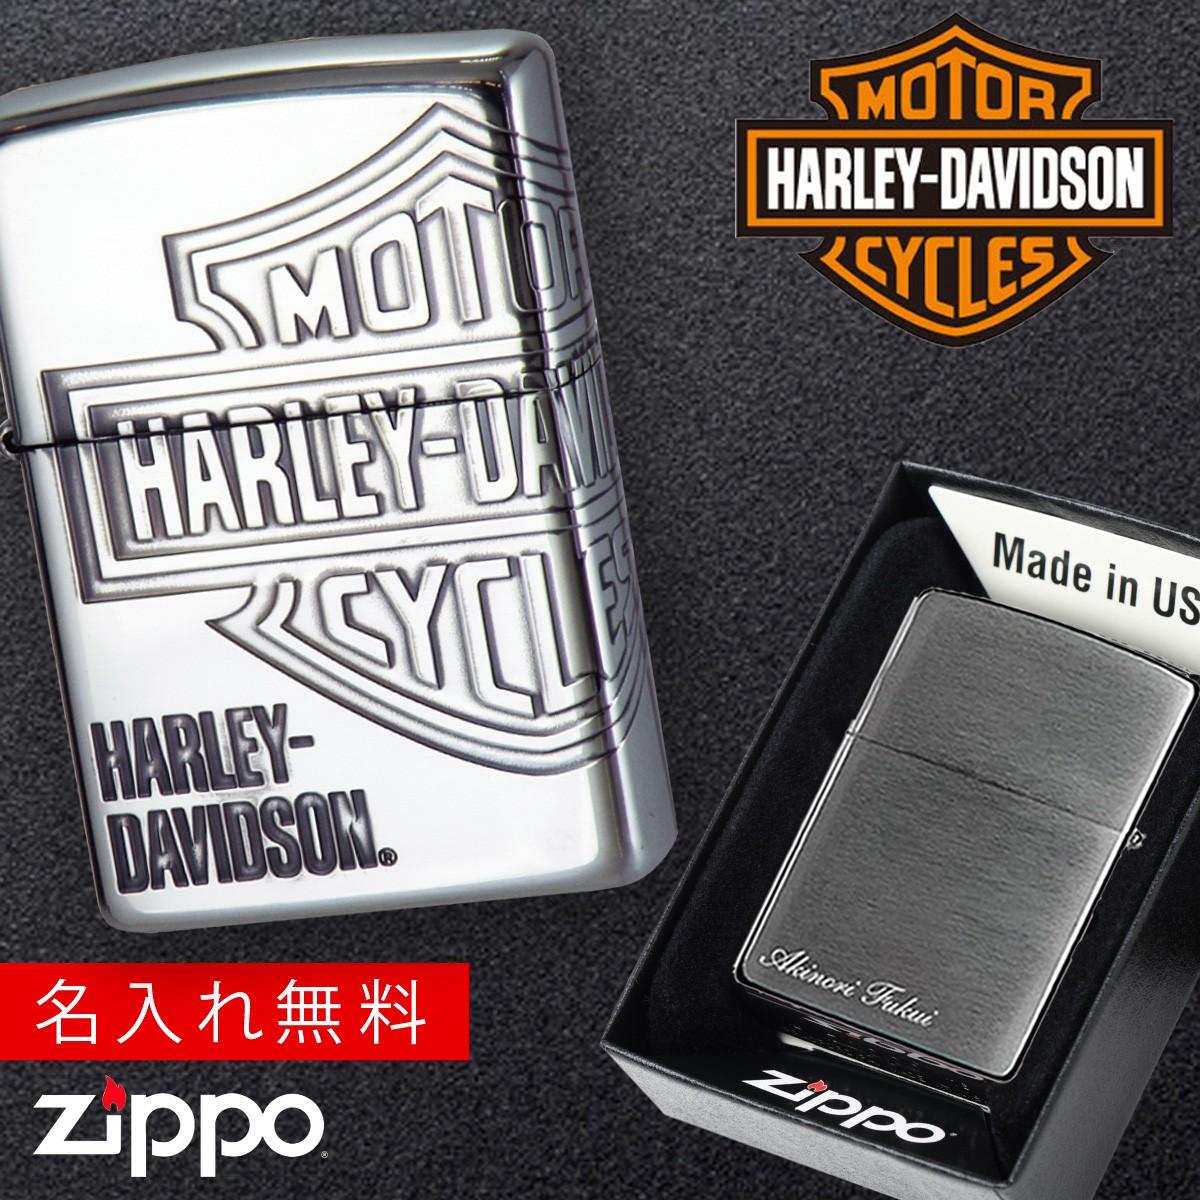 zippo 名入れ ジッポー ライター ハーレーダビッドソン HDP-33 名入れ ギフト オイルライター ジッポライター ギフト プレゼント 彼氏 男性 メンズ